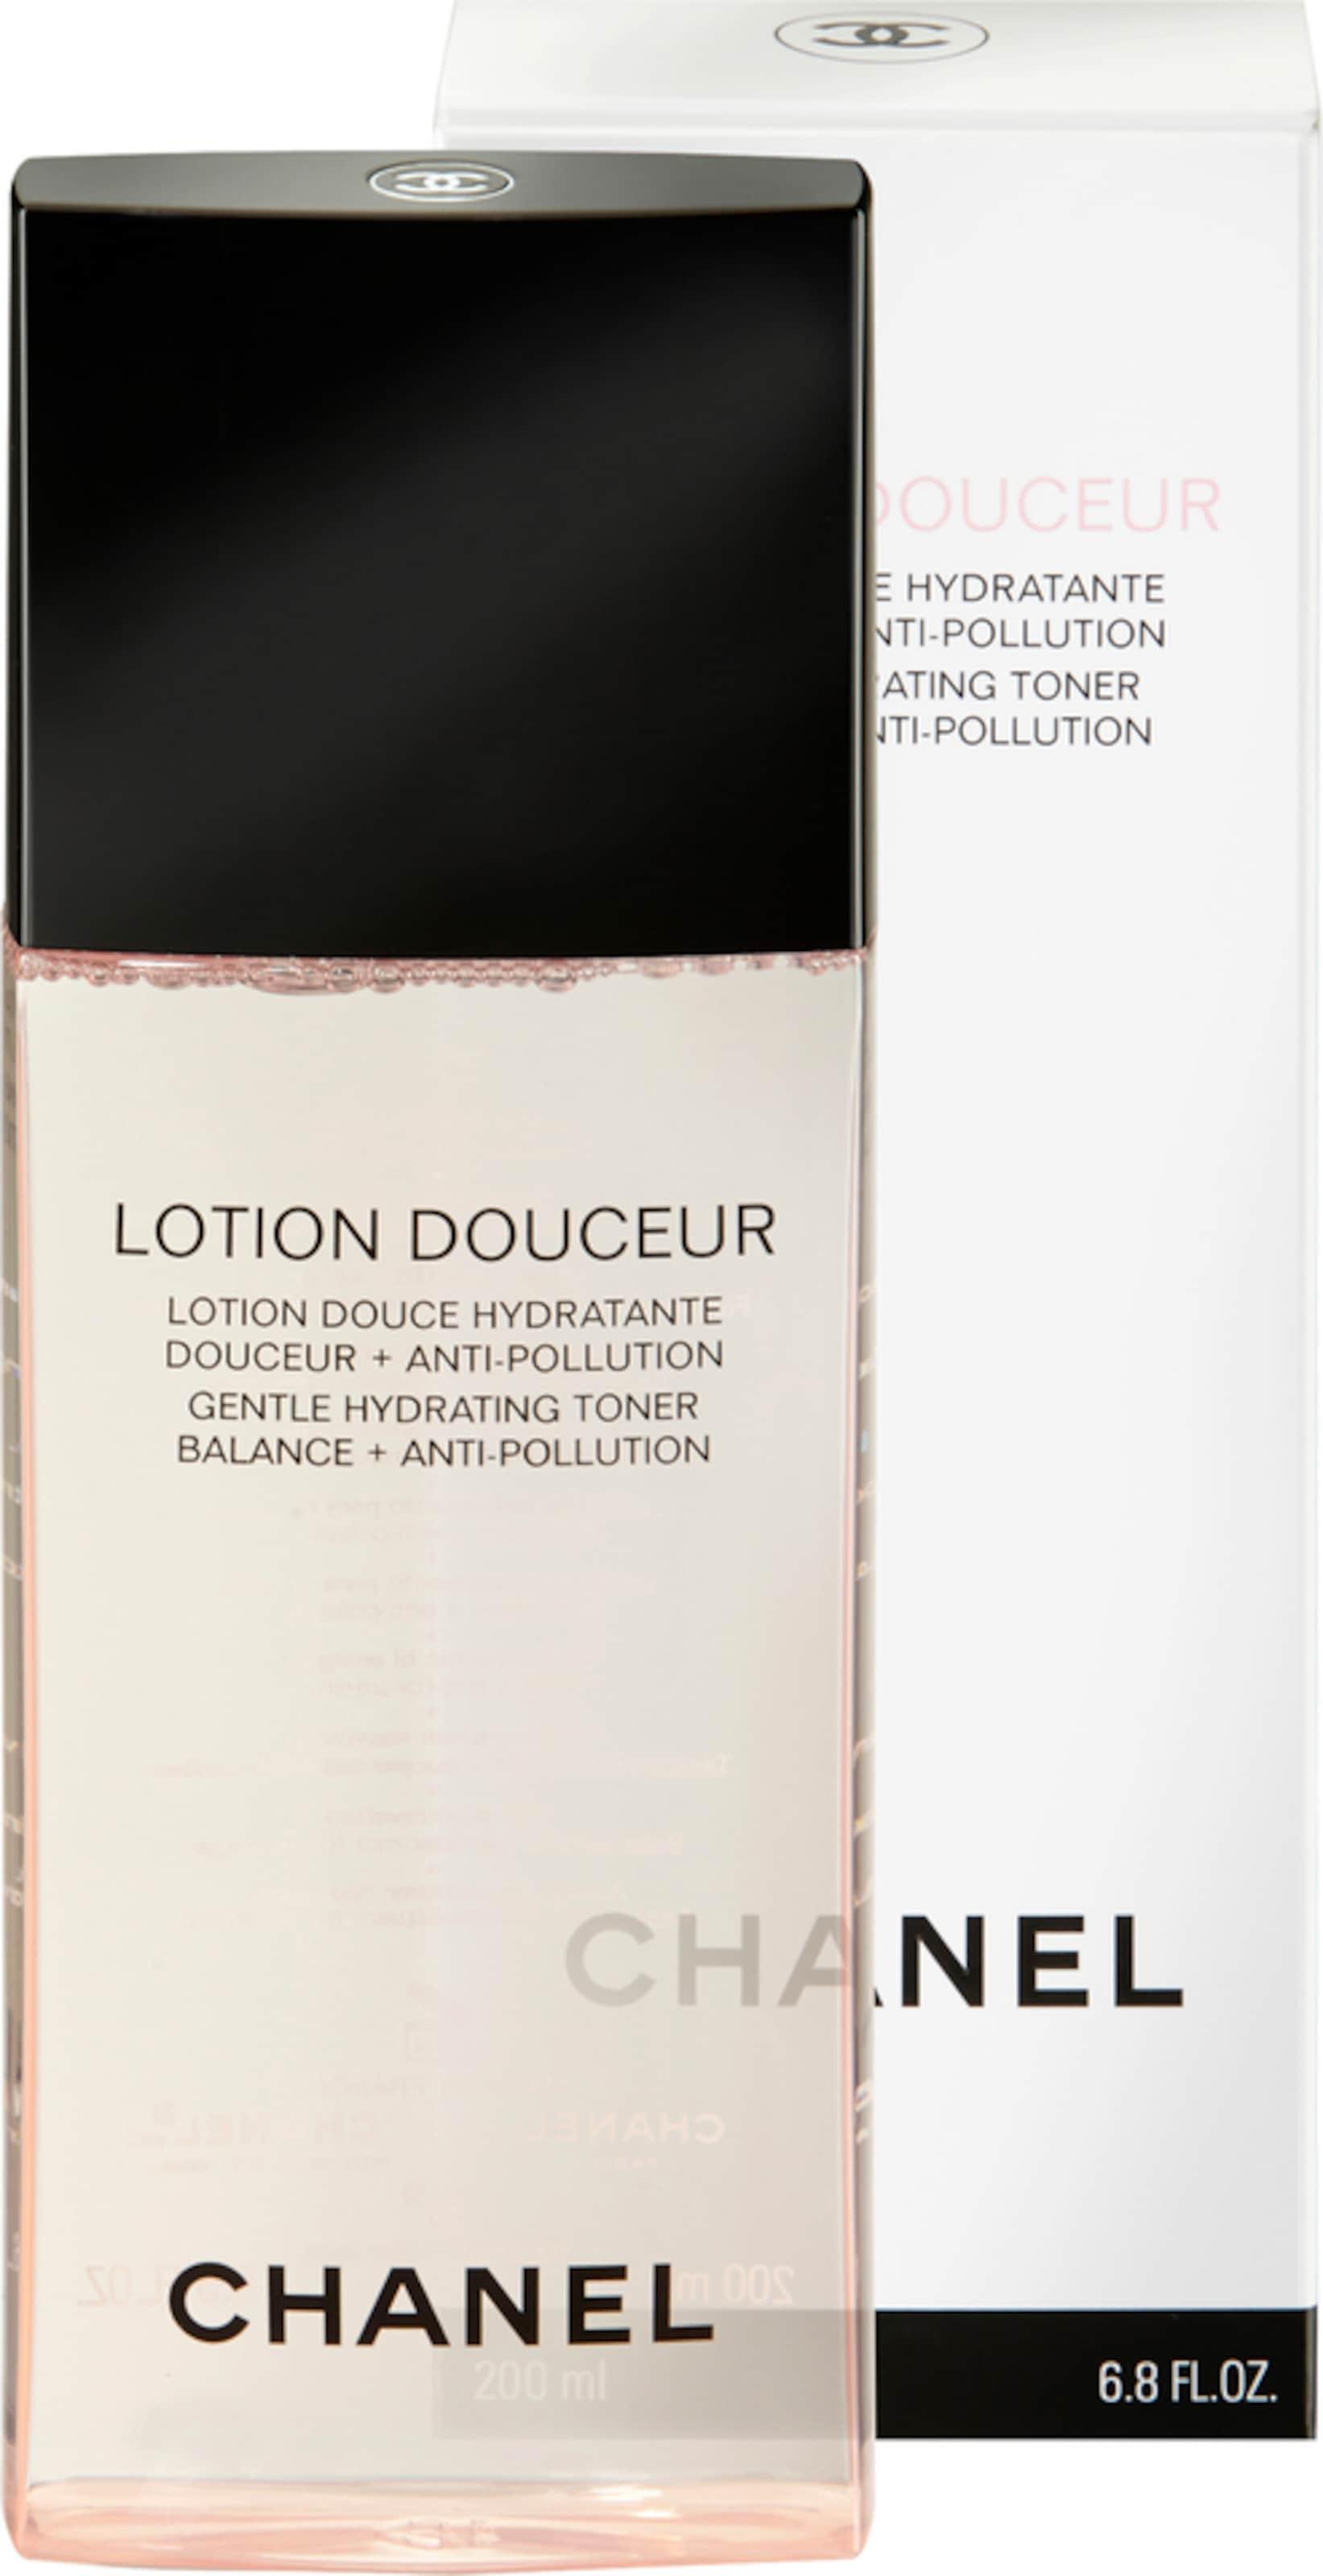 CHANEL 'Lotion Douceur' Reinigungslotion Top-Qualität Zum Verkauf OEyVAn9s6u